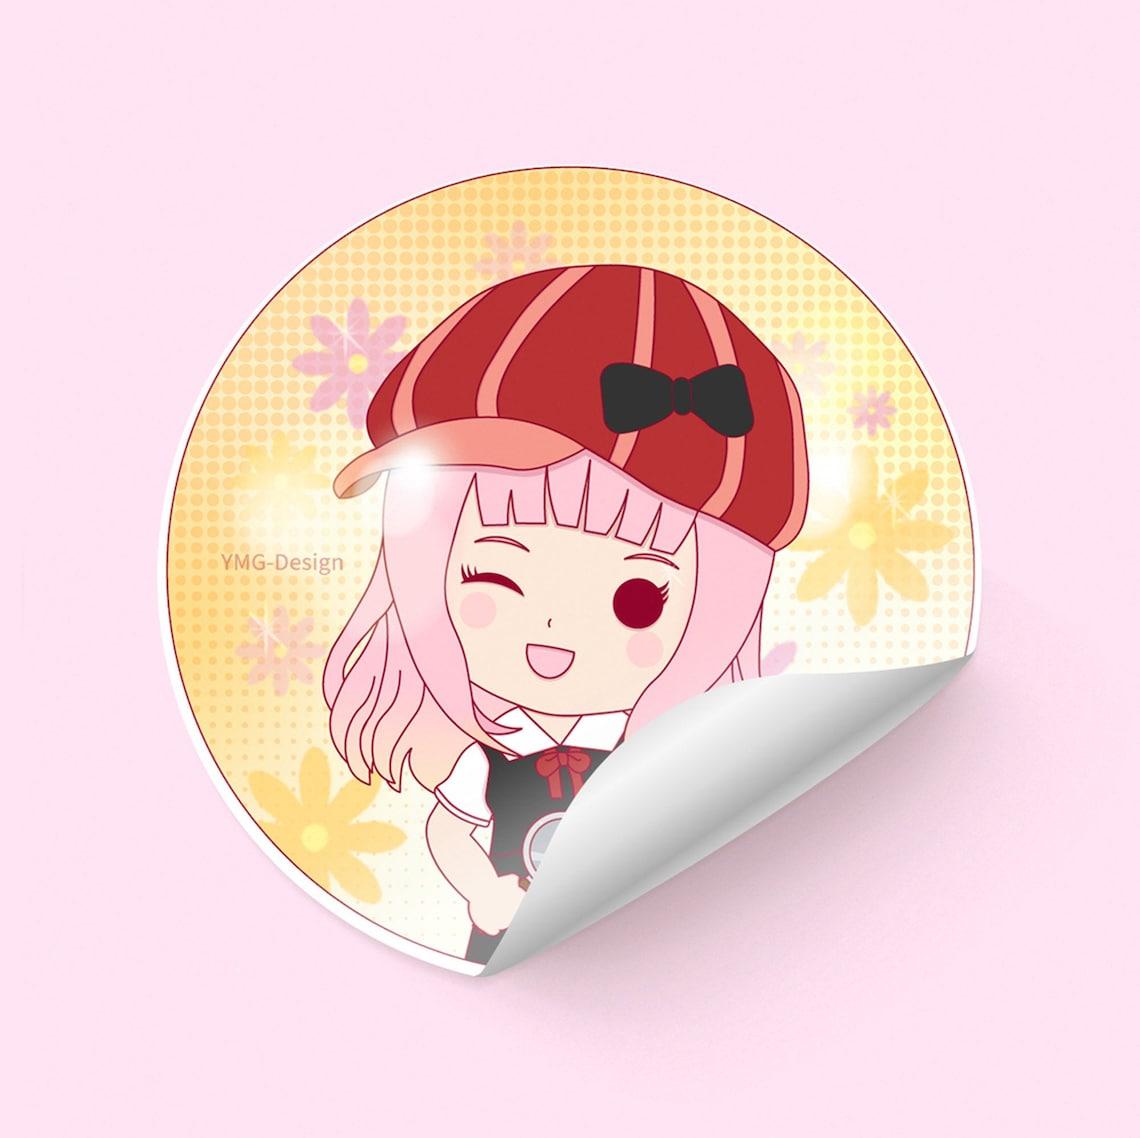 fujiwara chika sticker etsy